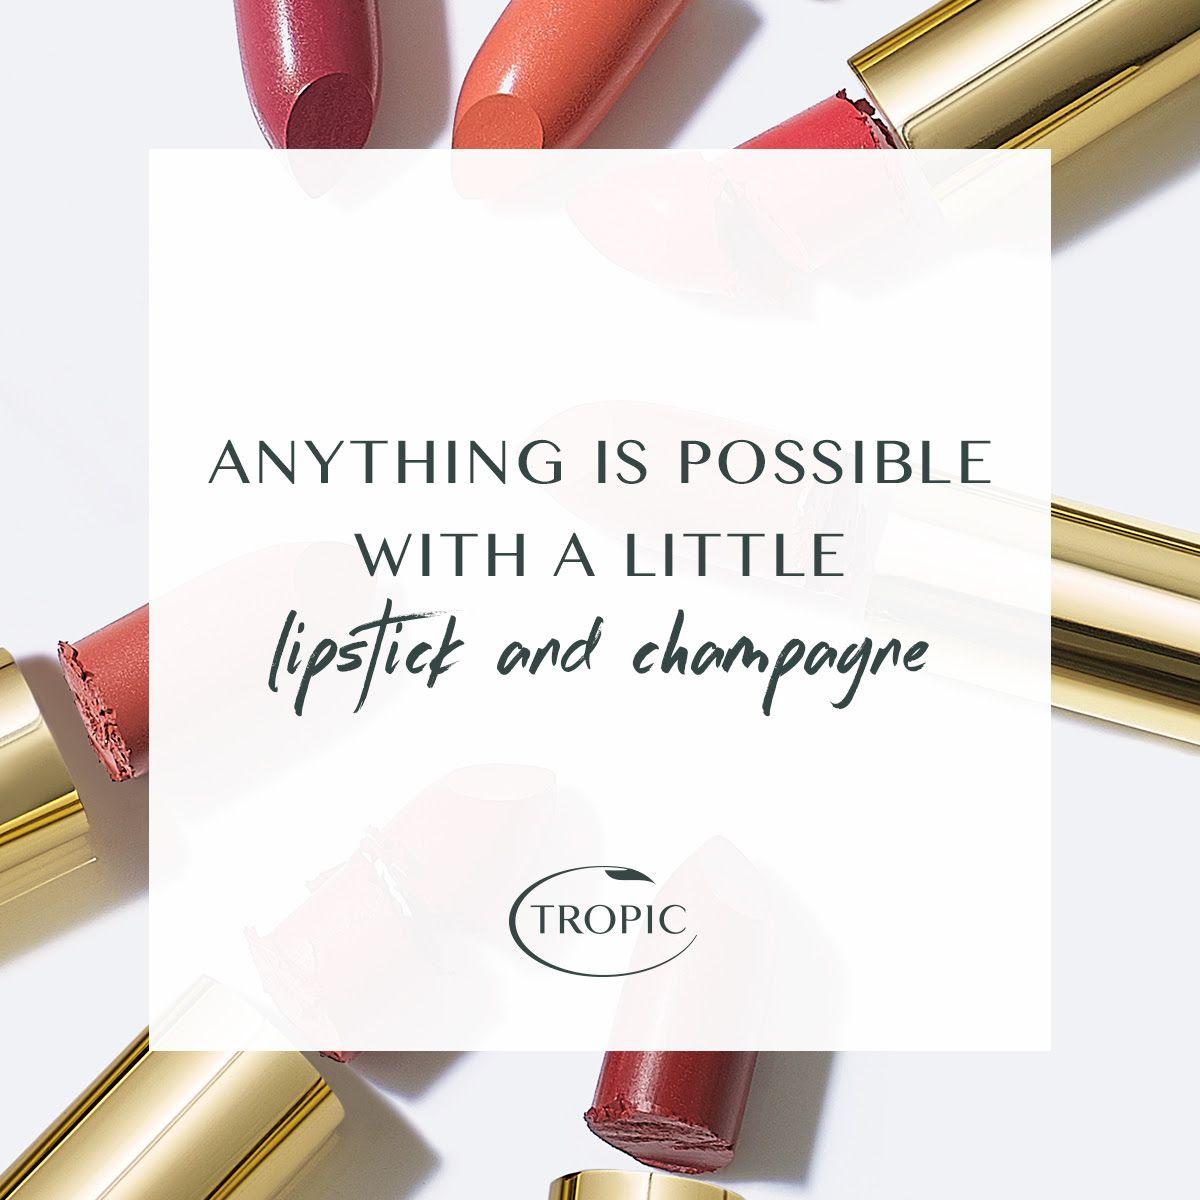 Lipstick & Champagne Tropic skincare, Cruelty free skin